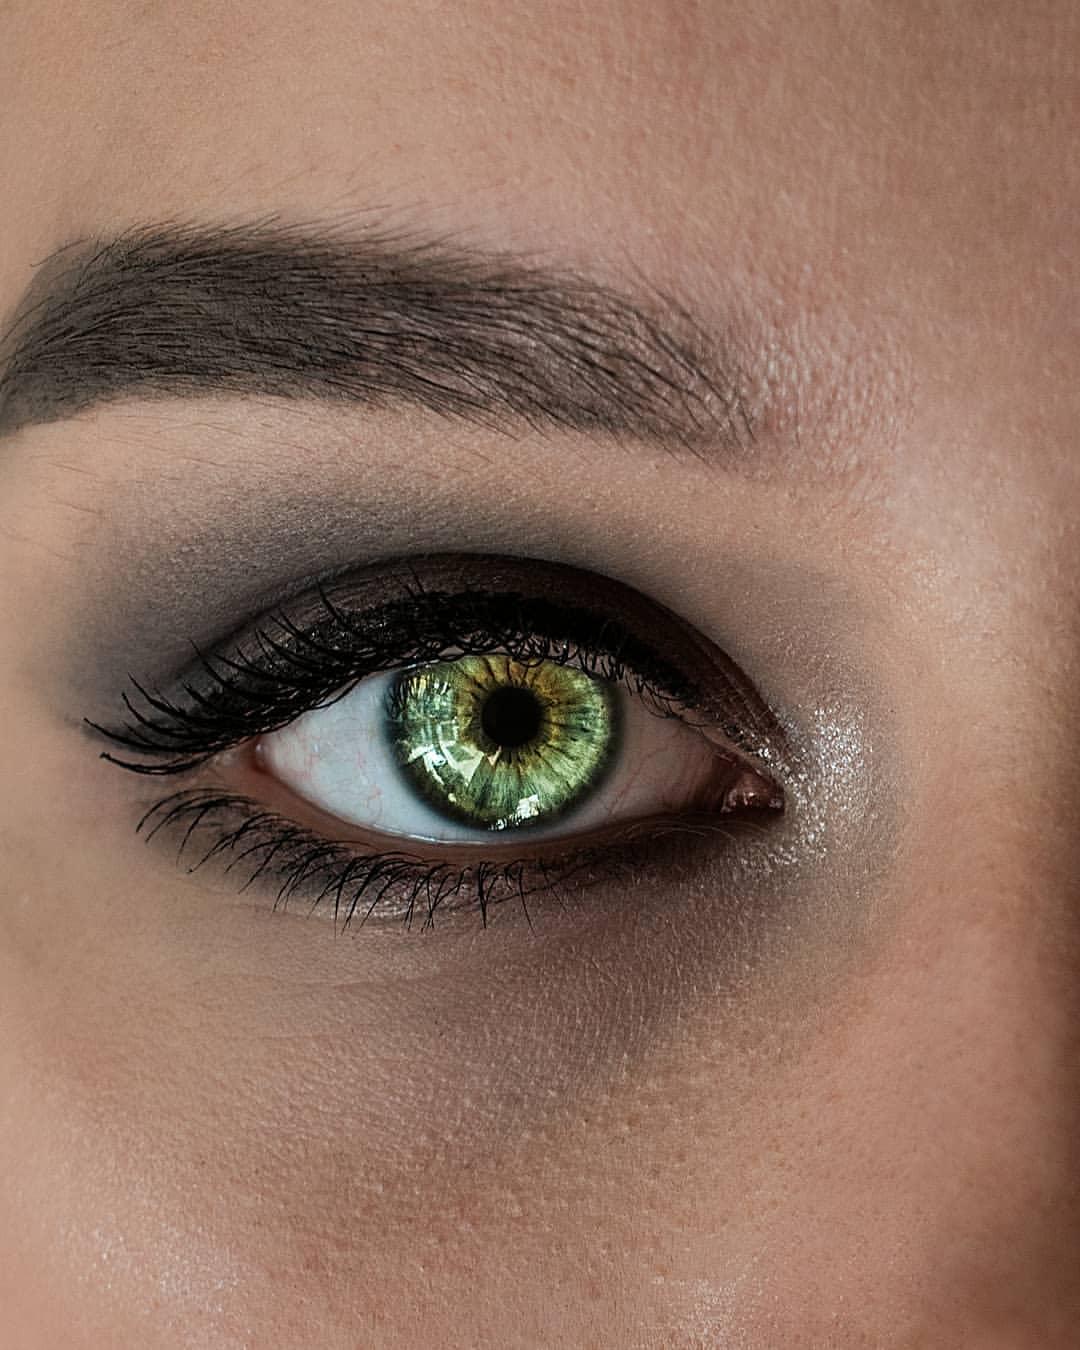 зеленые глаза фото или картинка она ему